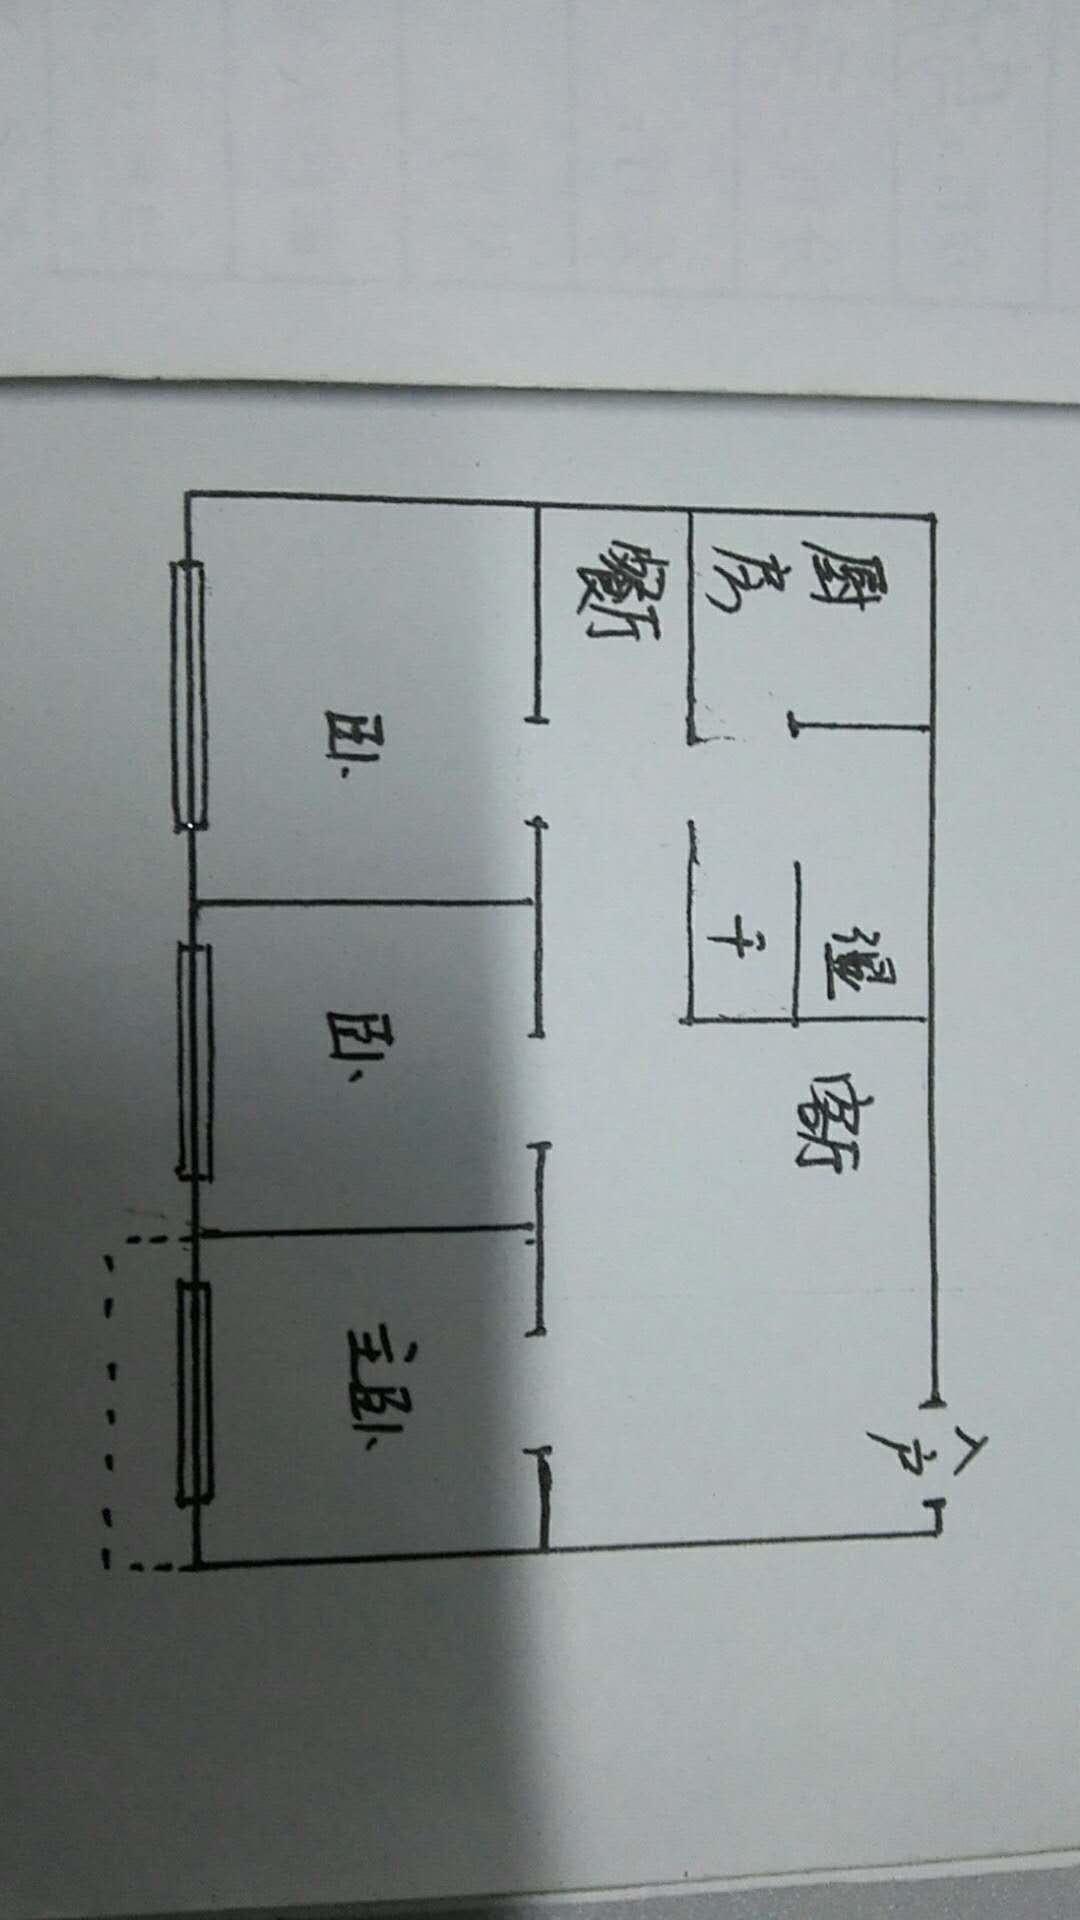 华宇国际公寓 3室2厅 双证齐全 简装 132万